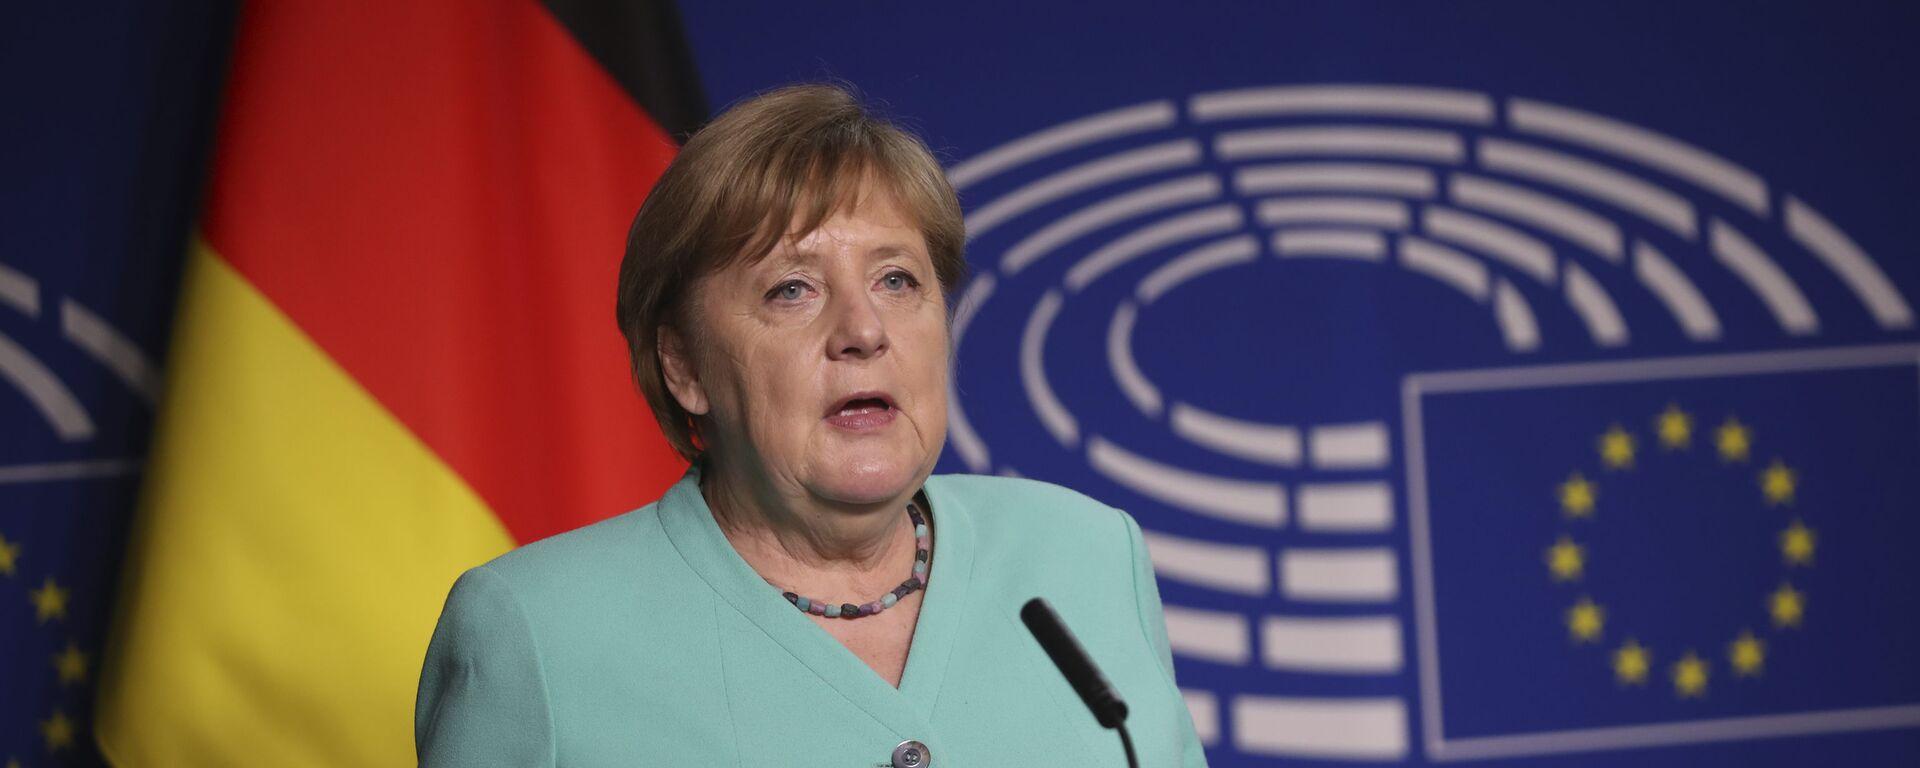 Канцлер Германии Ангела Меркель выступает в Европарламенте в Брюсселе - Sputnik Латвия, 1920, 05.09.2021